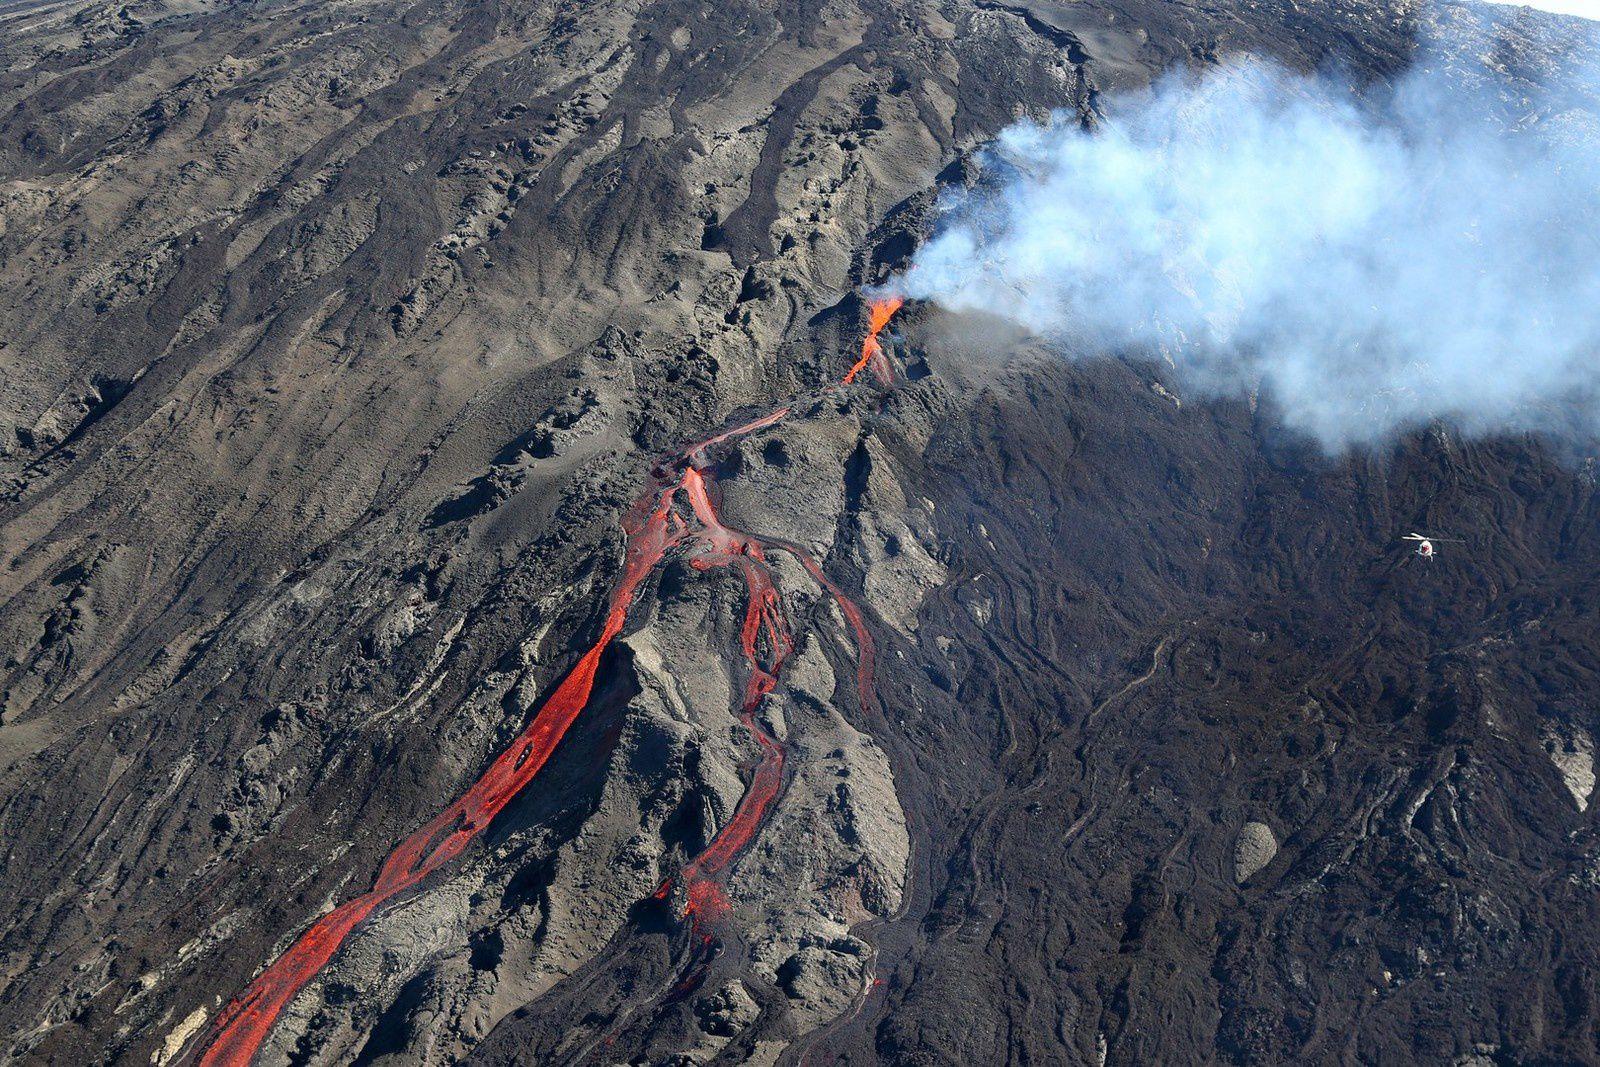 La Réunion - éruption du Piton de la Fournaise - 21.06.2014 - l'hélico à droite donne l'échelle - photo Richard Bouhet / AFP